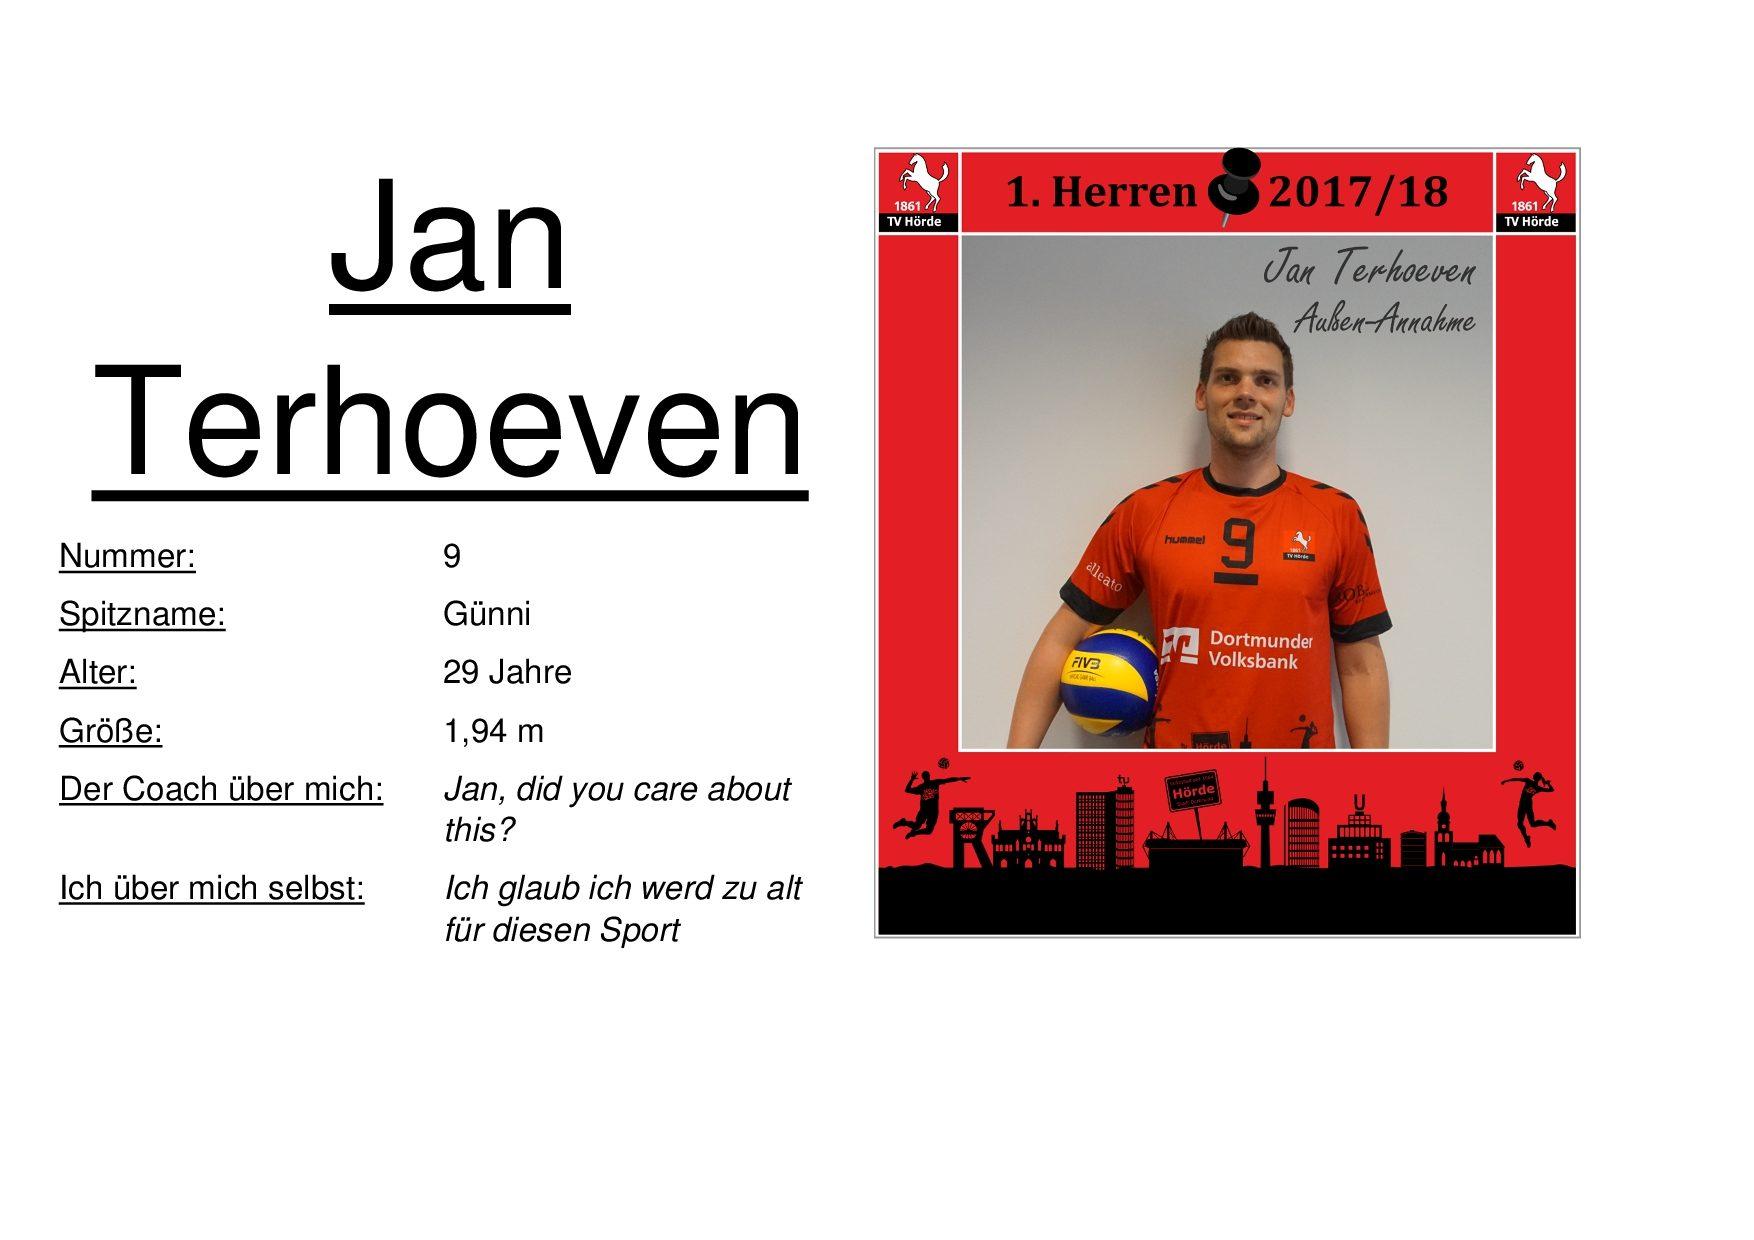 Jan Terhoeven